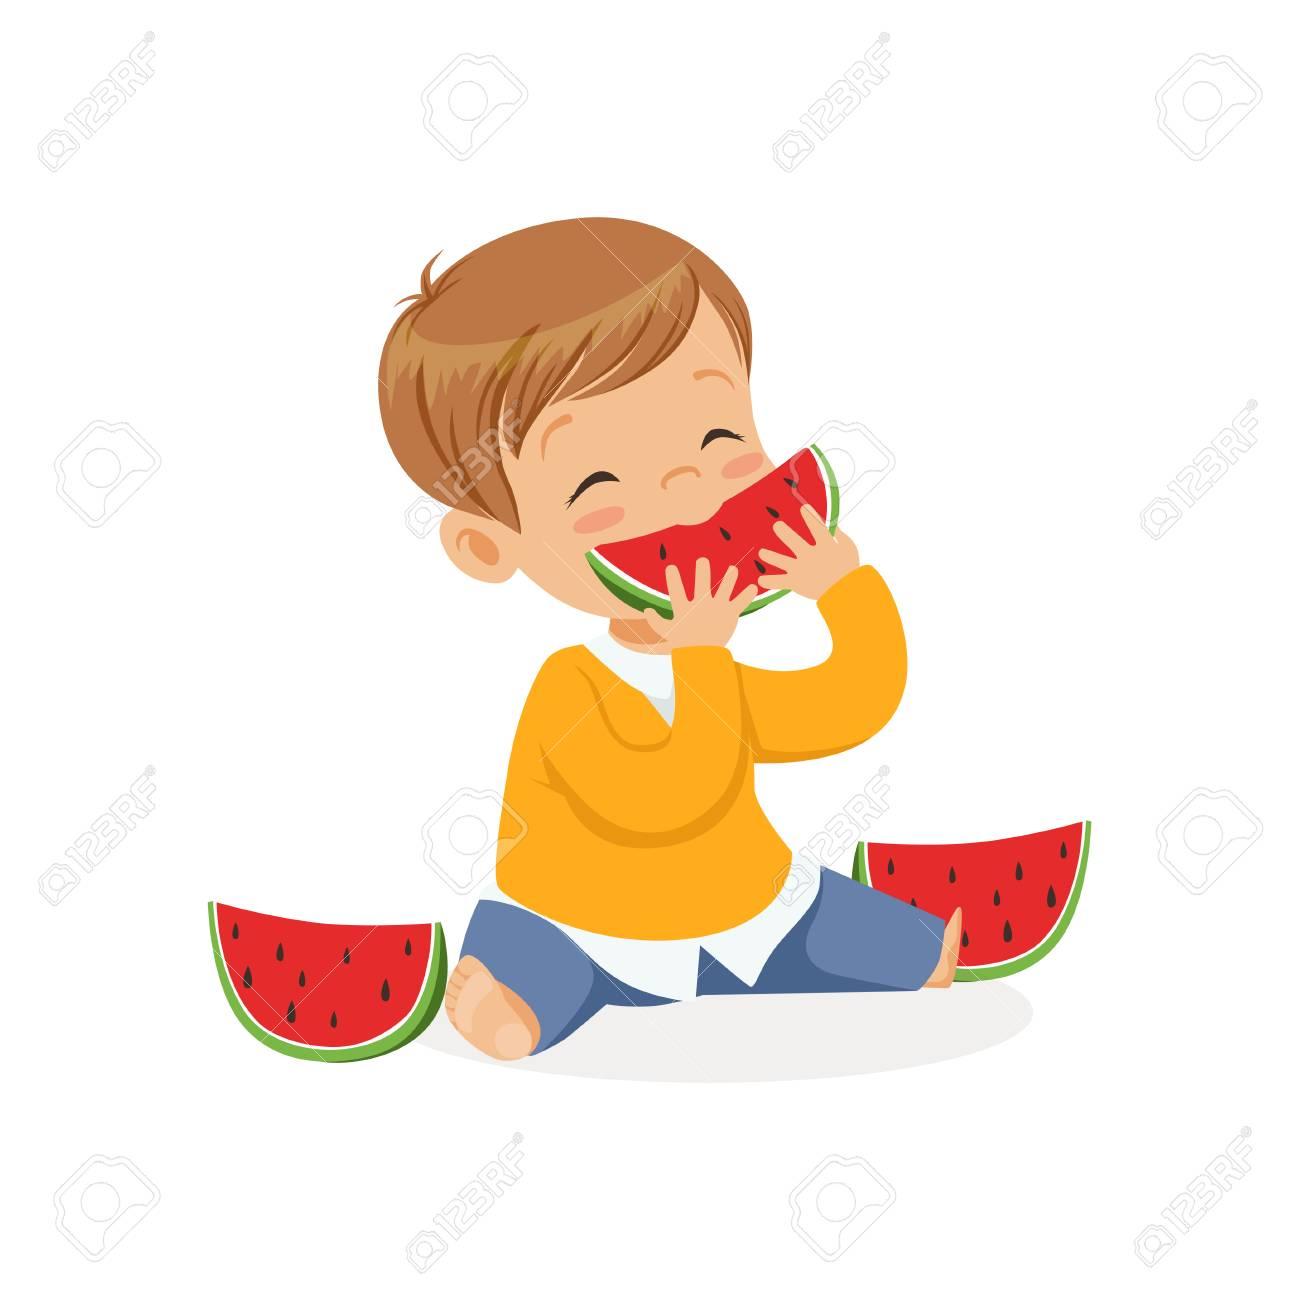 Lindo Niño Pequeño Personaje Disfrutando Comiendo Sandía Vector De